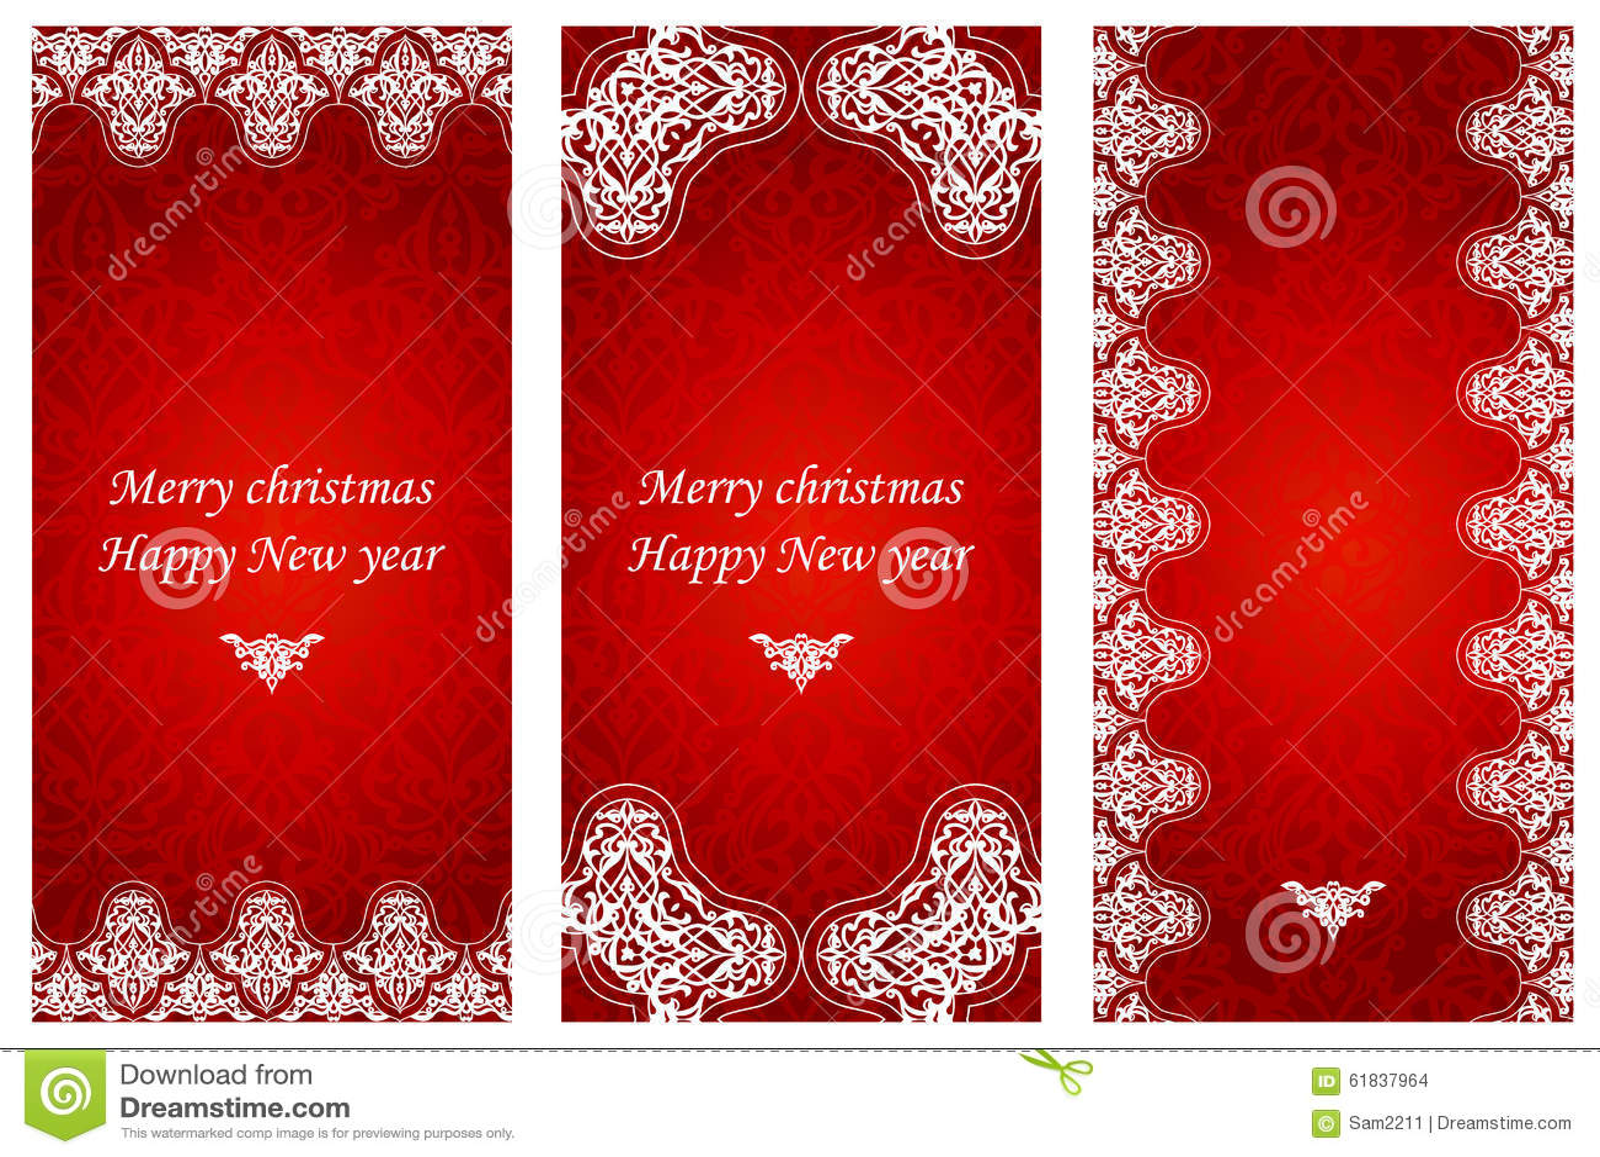 Weihnachtskarten Einladung.Satz Weihnachtskarten Im Viktorianischen Stil Stock Abbildung